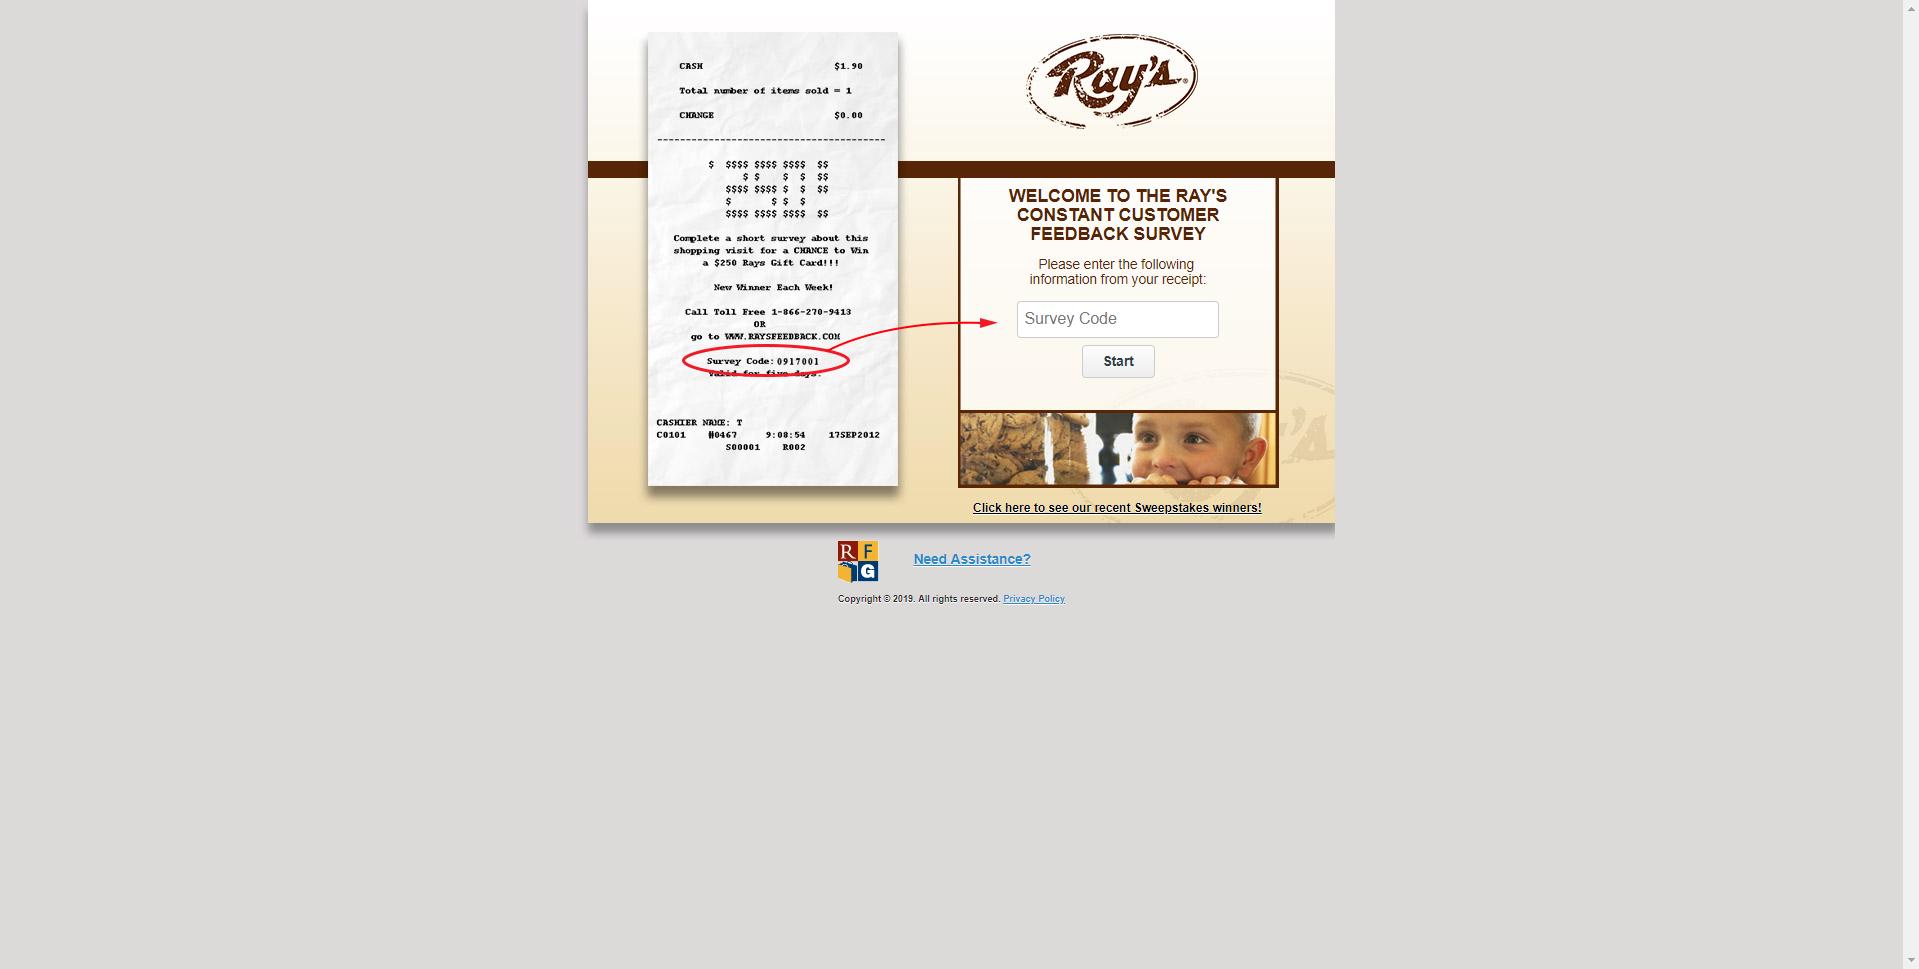 www.raysfeedback.com